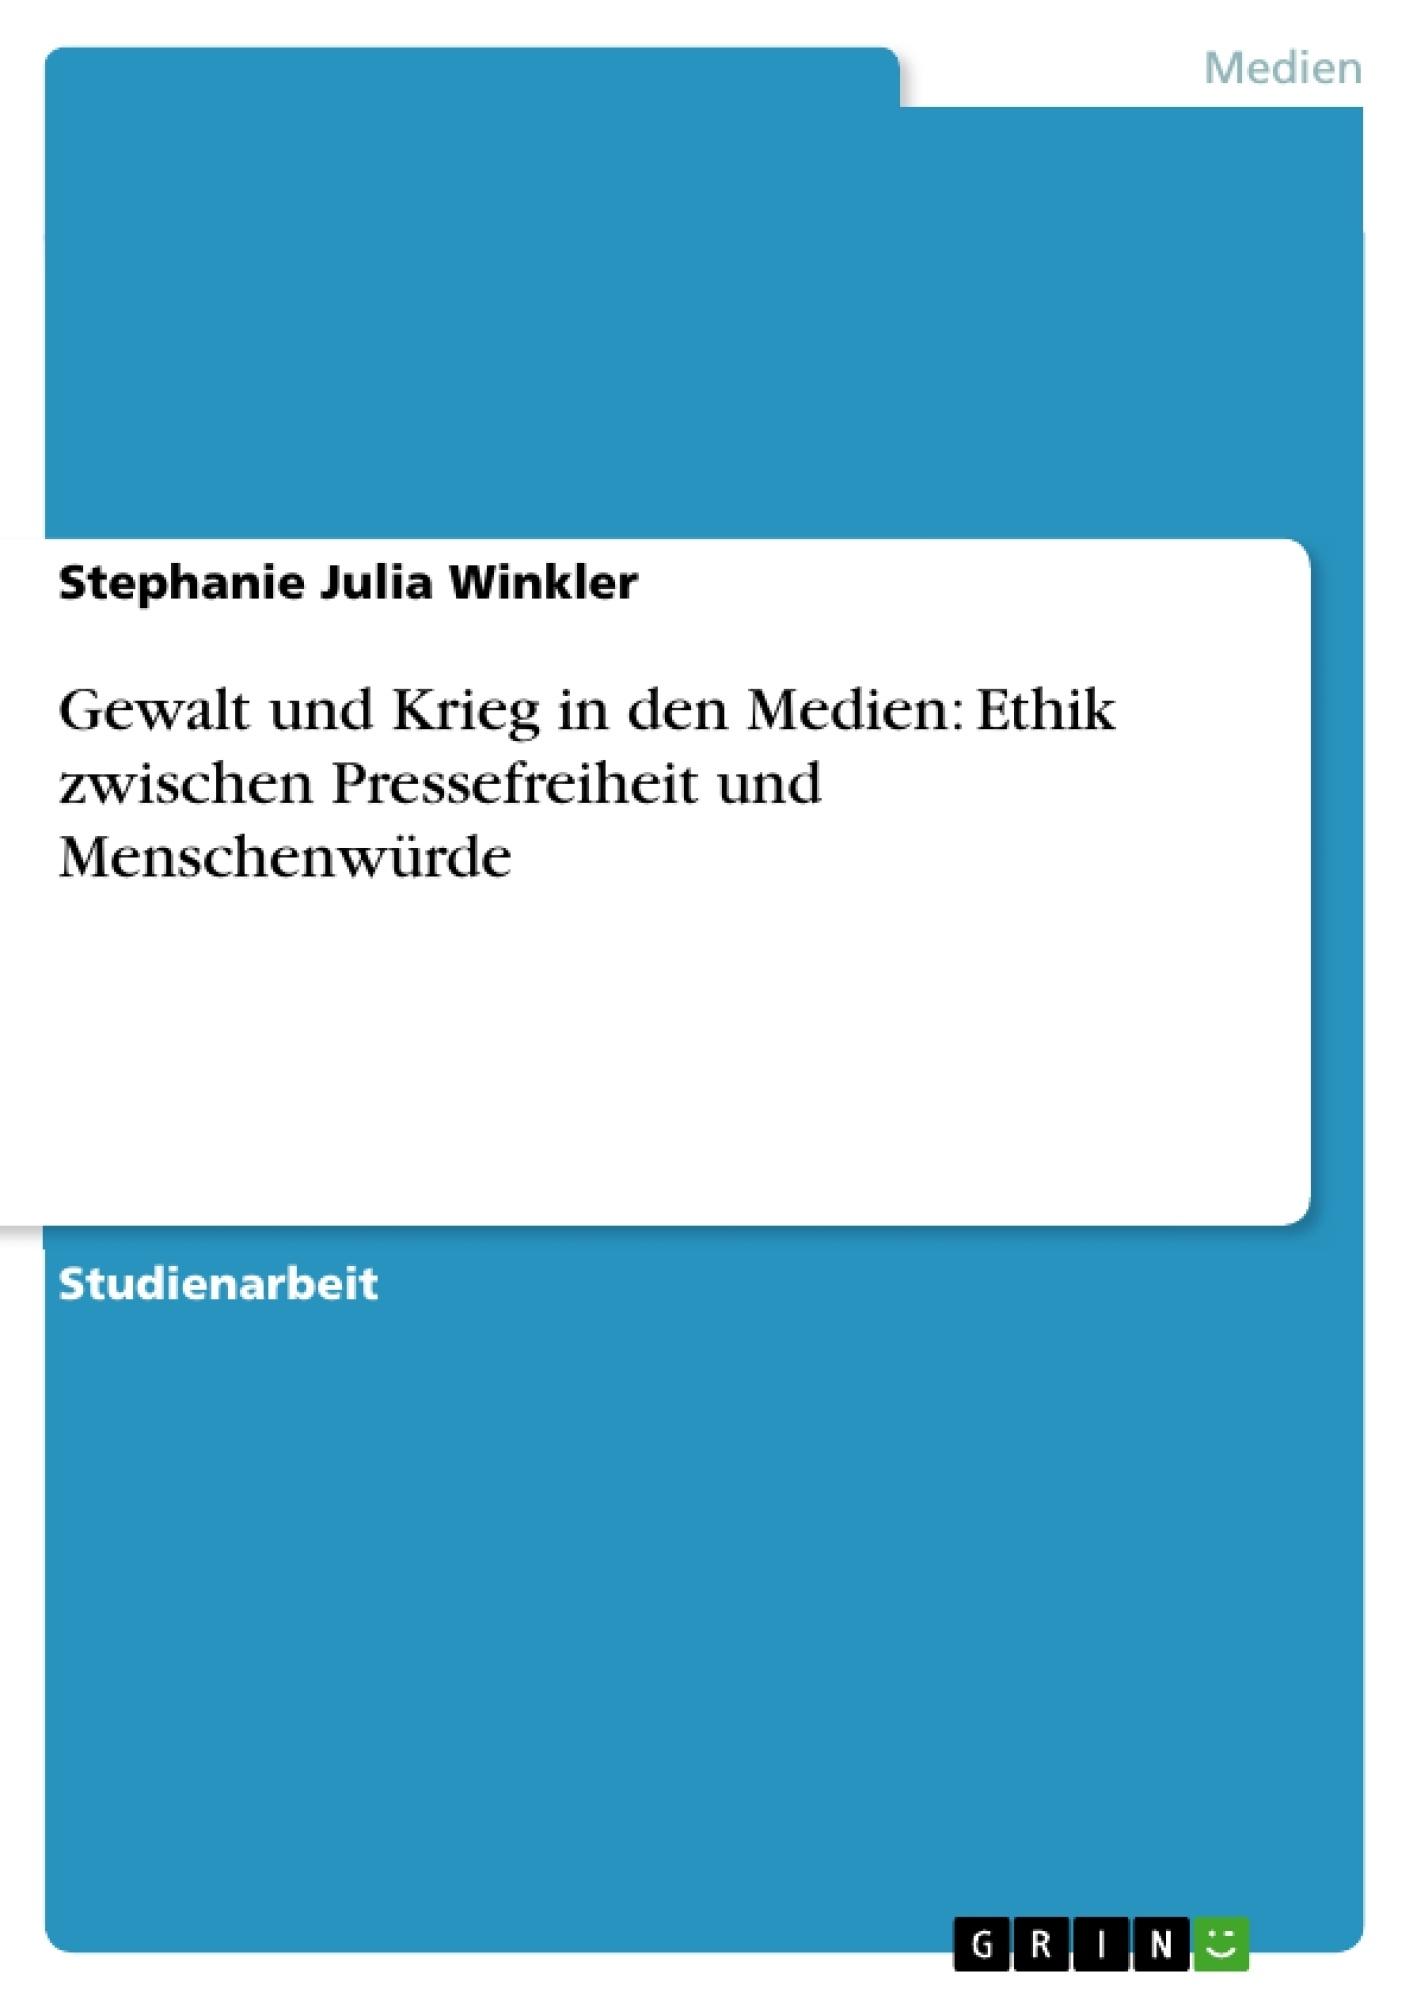 Titel: Gewalt und Krieg in den Medien: Ethik zwischen Pressefreiheit und Menschenwürde